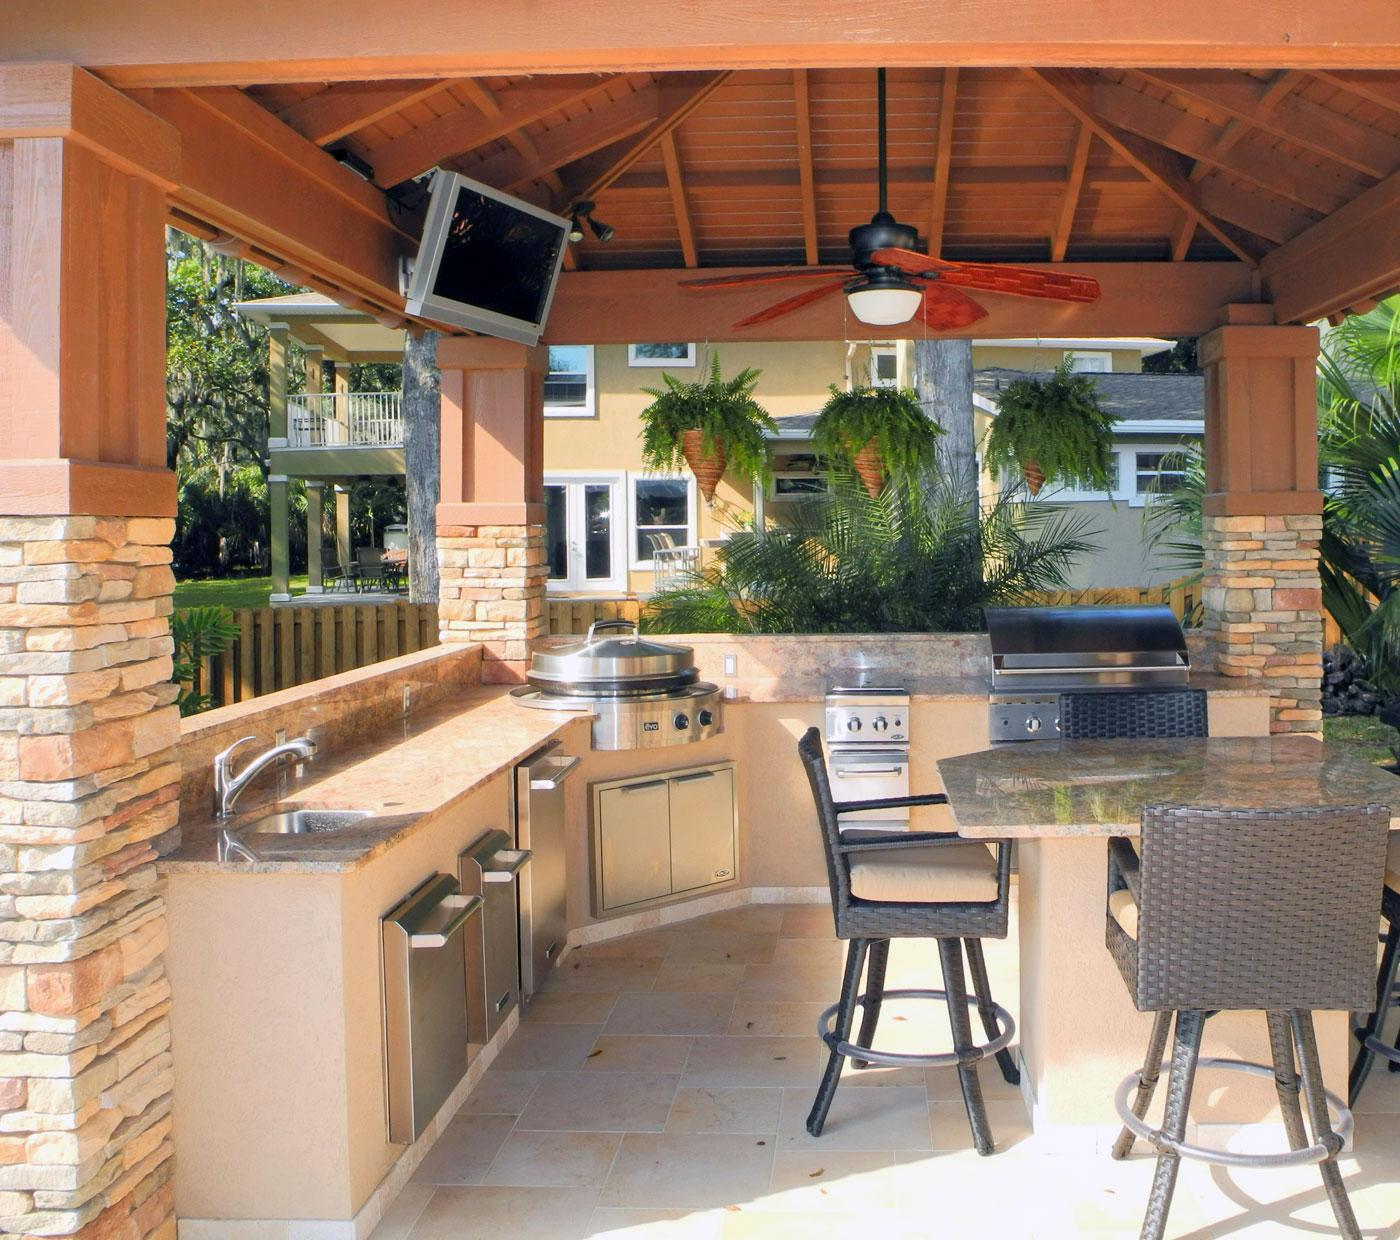 Evo Outdoor Kitchen Gallery  outdoorLUX